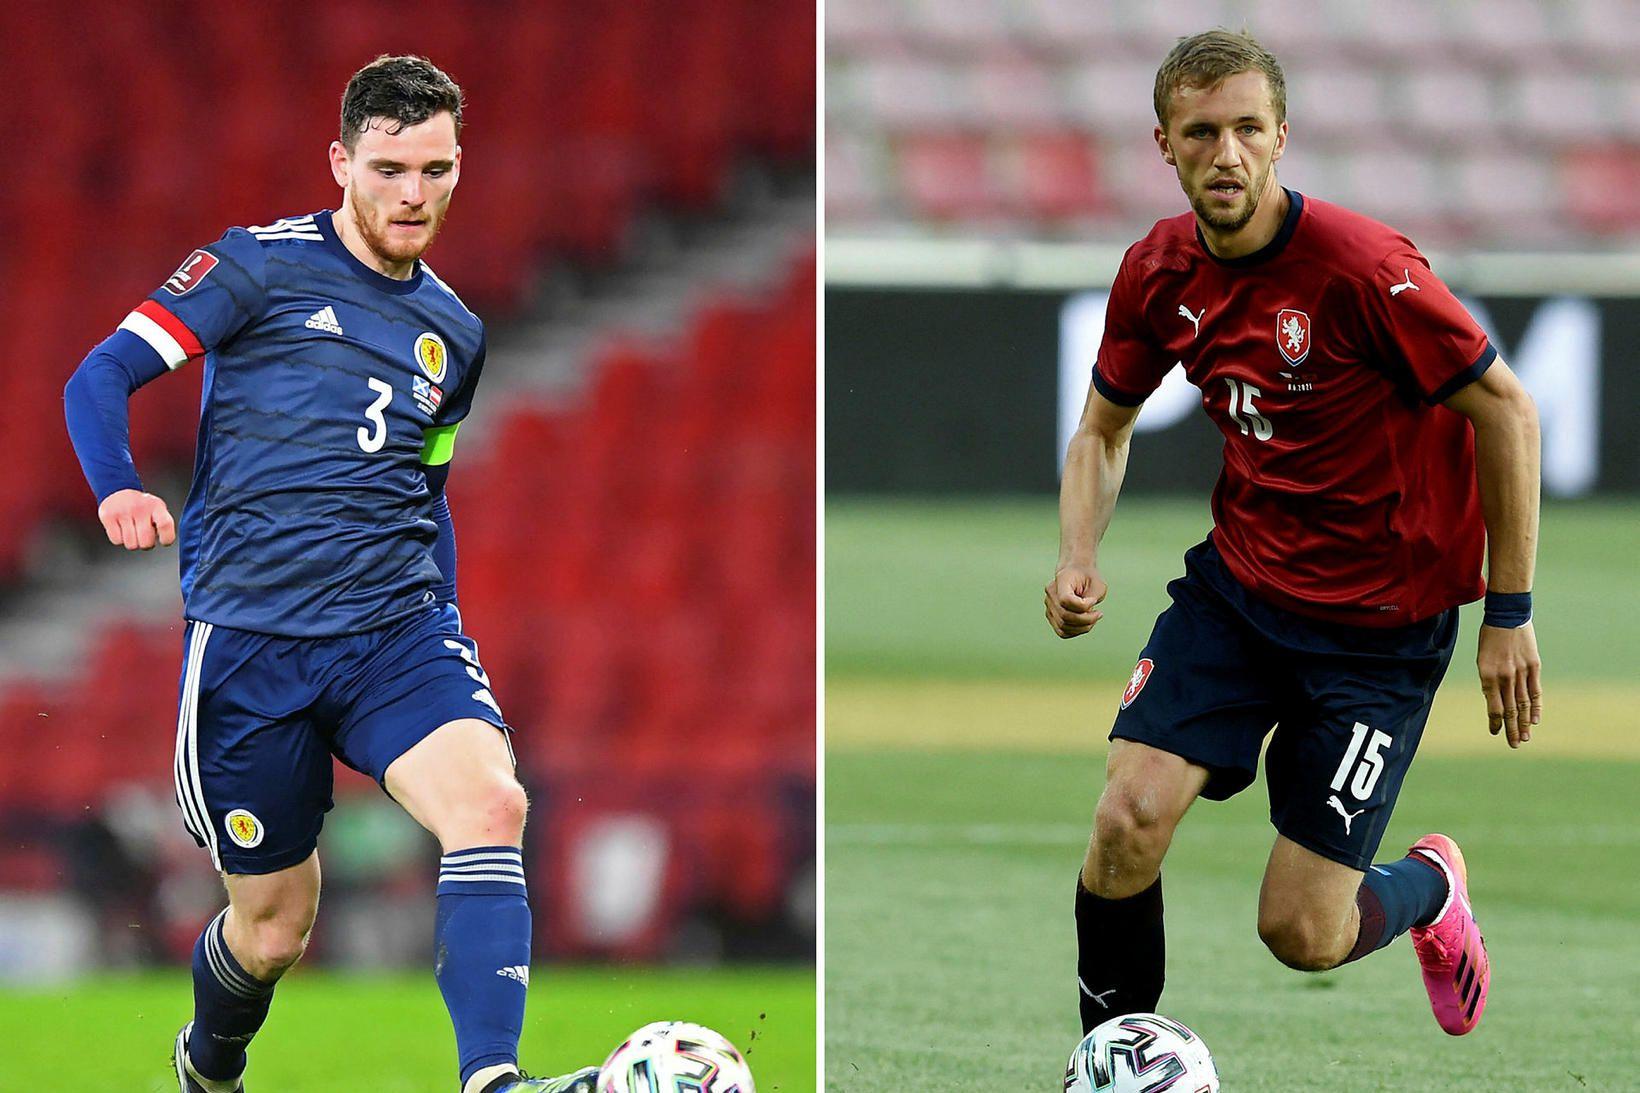 Andrew Robertson og Tomás Soucek eru lykilmenn sinna liða.